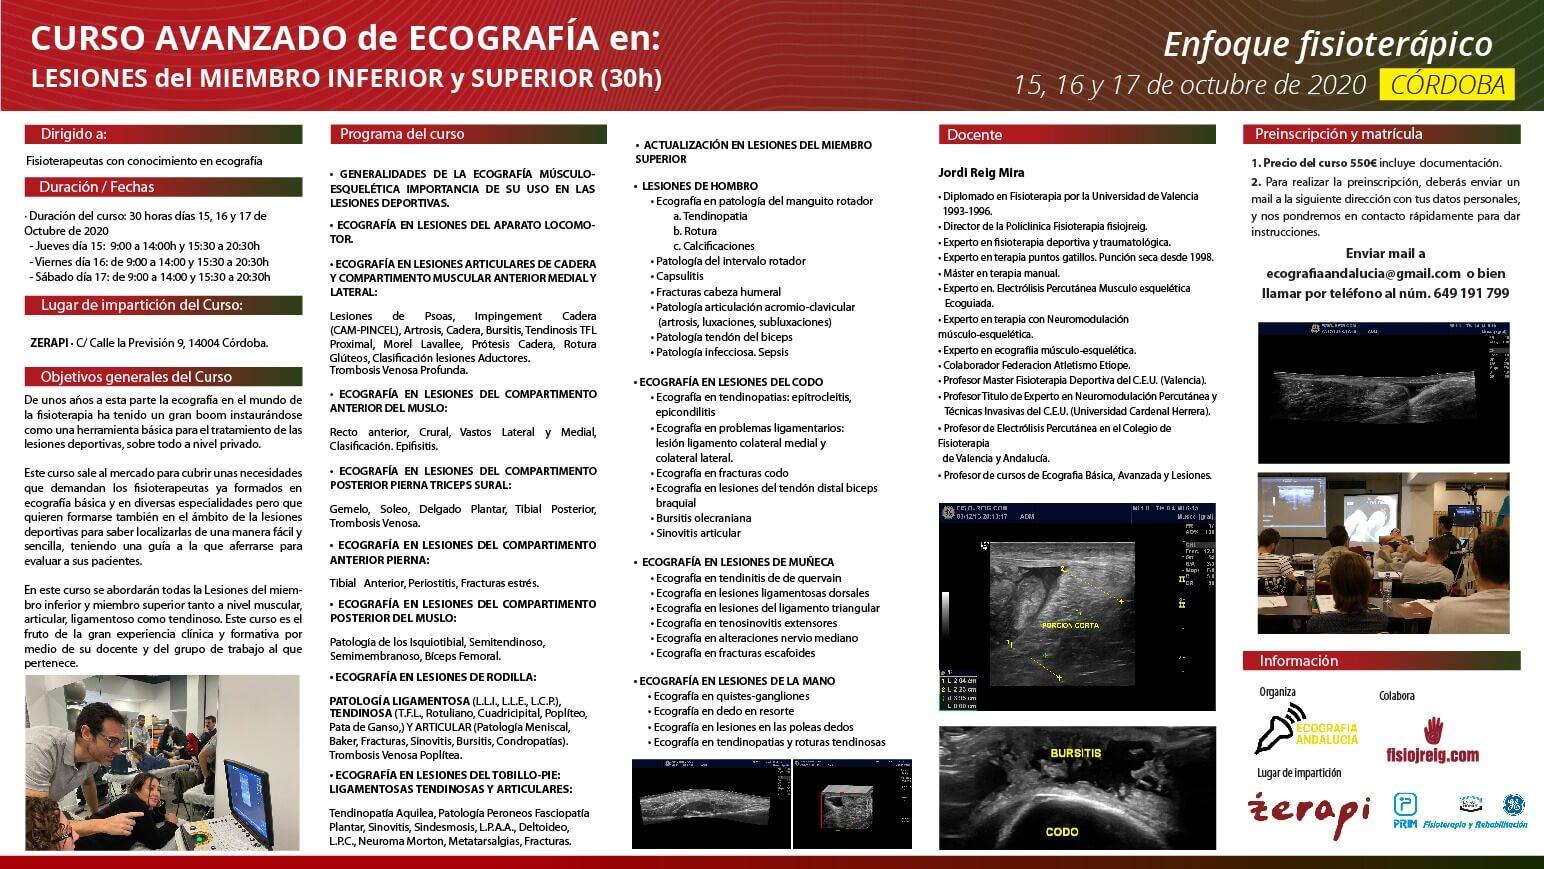 curso ecografía Andalucia